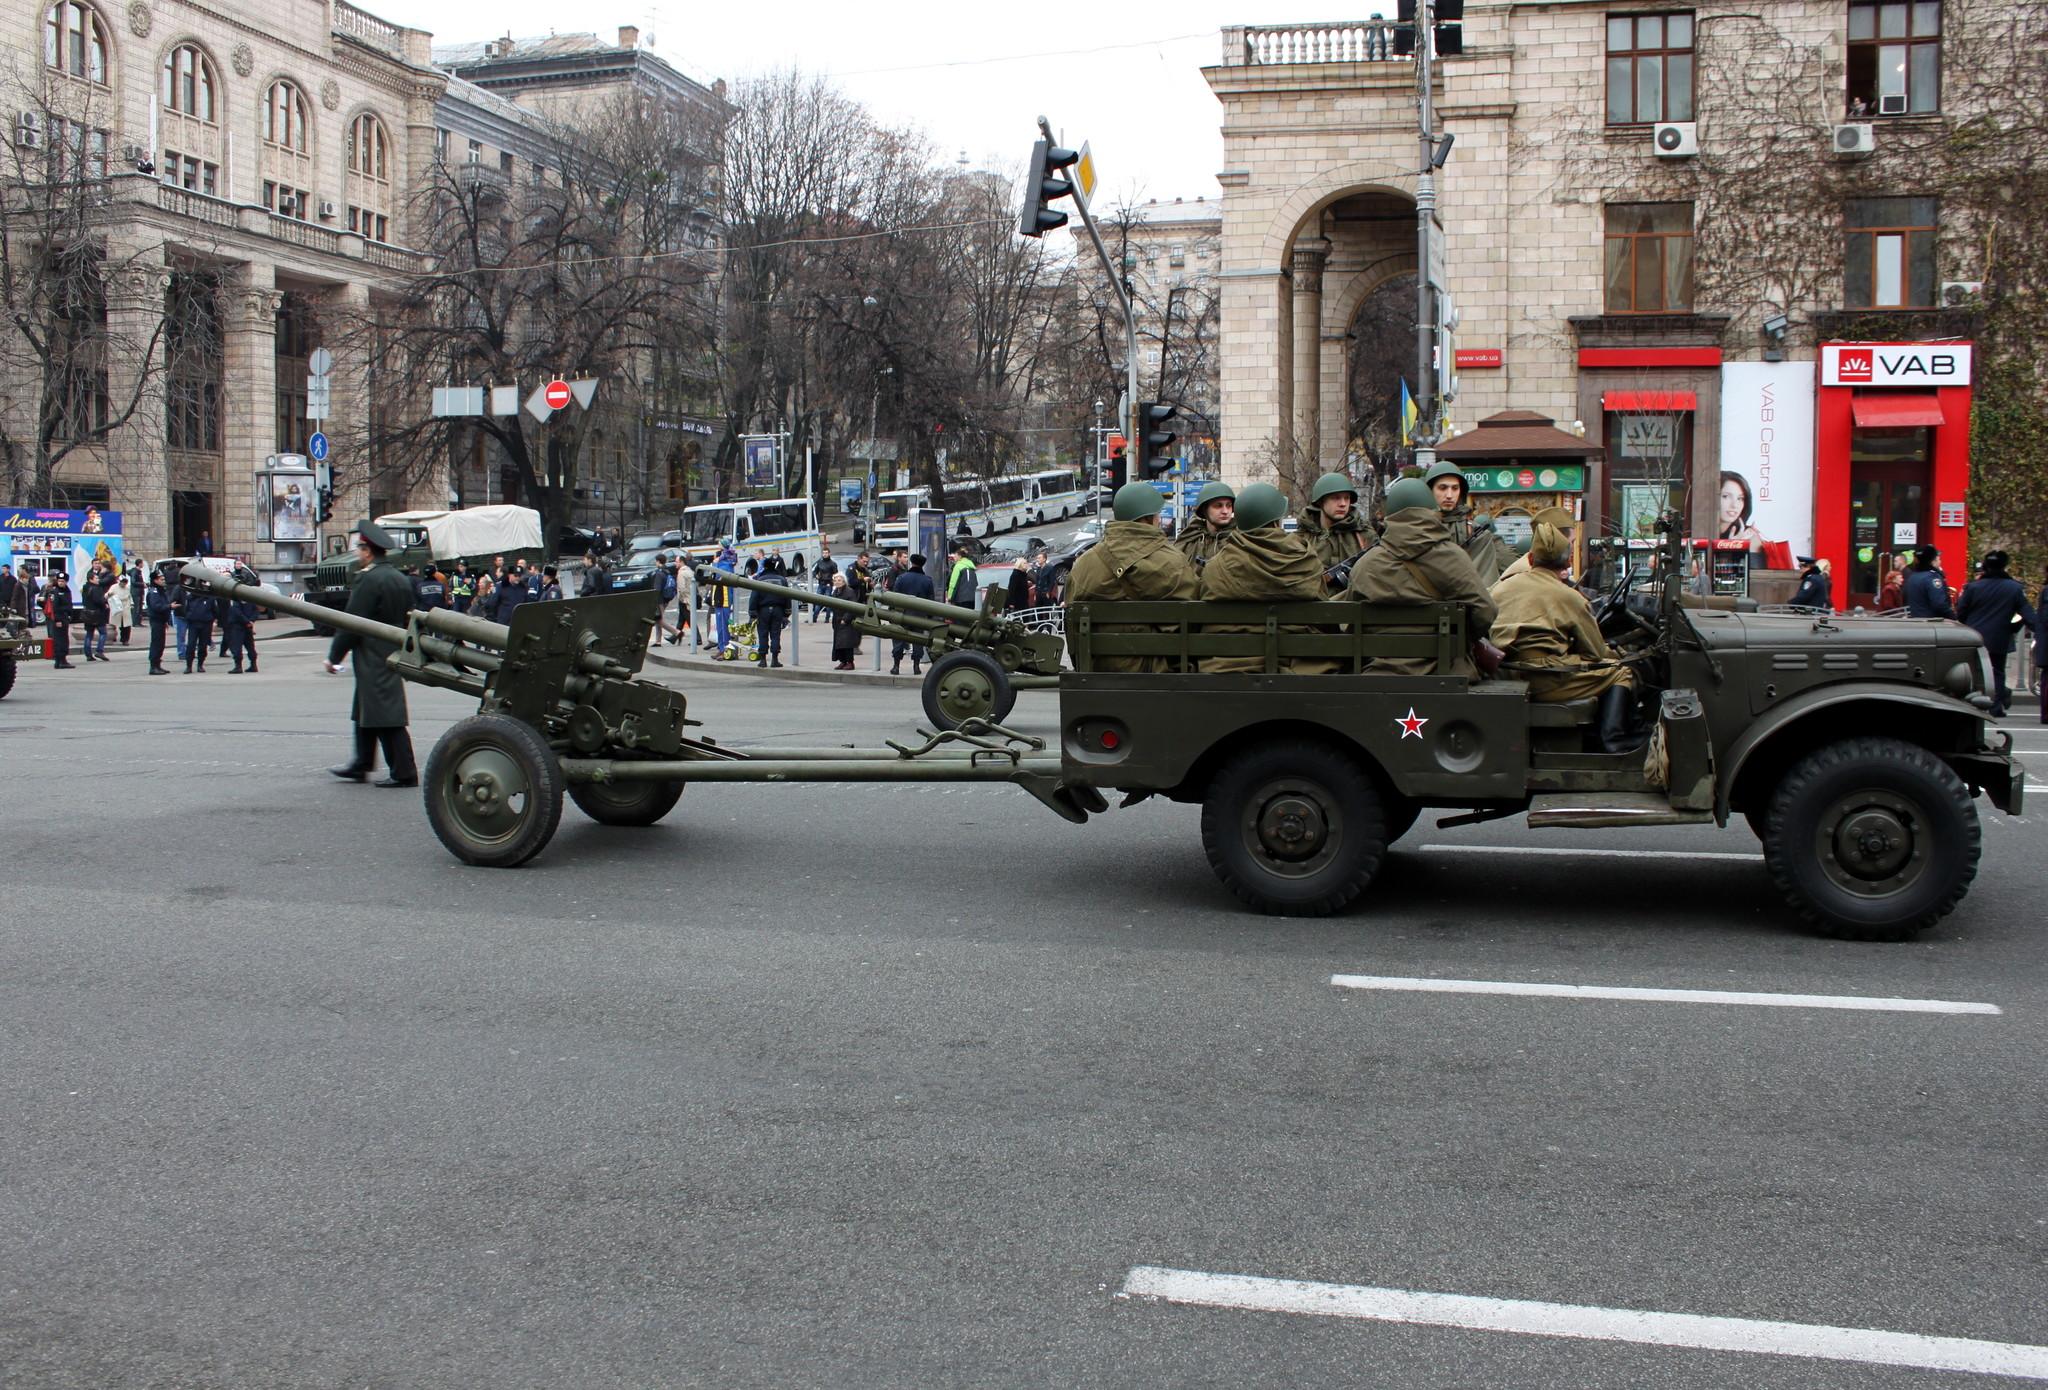 Орудие и артиллерийский расчет на автомобиле